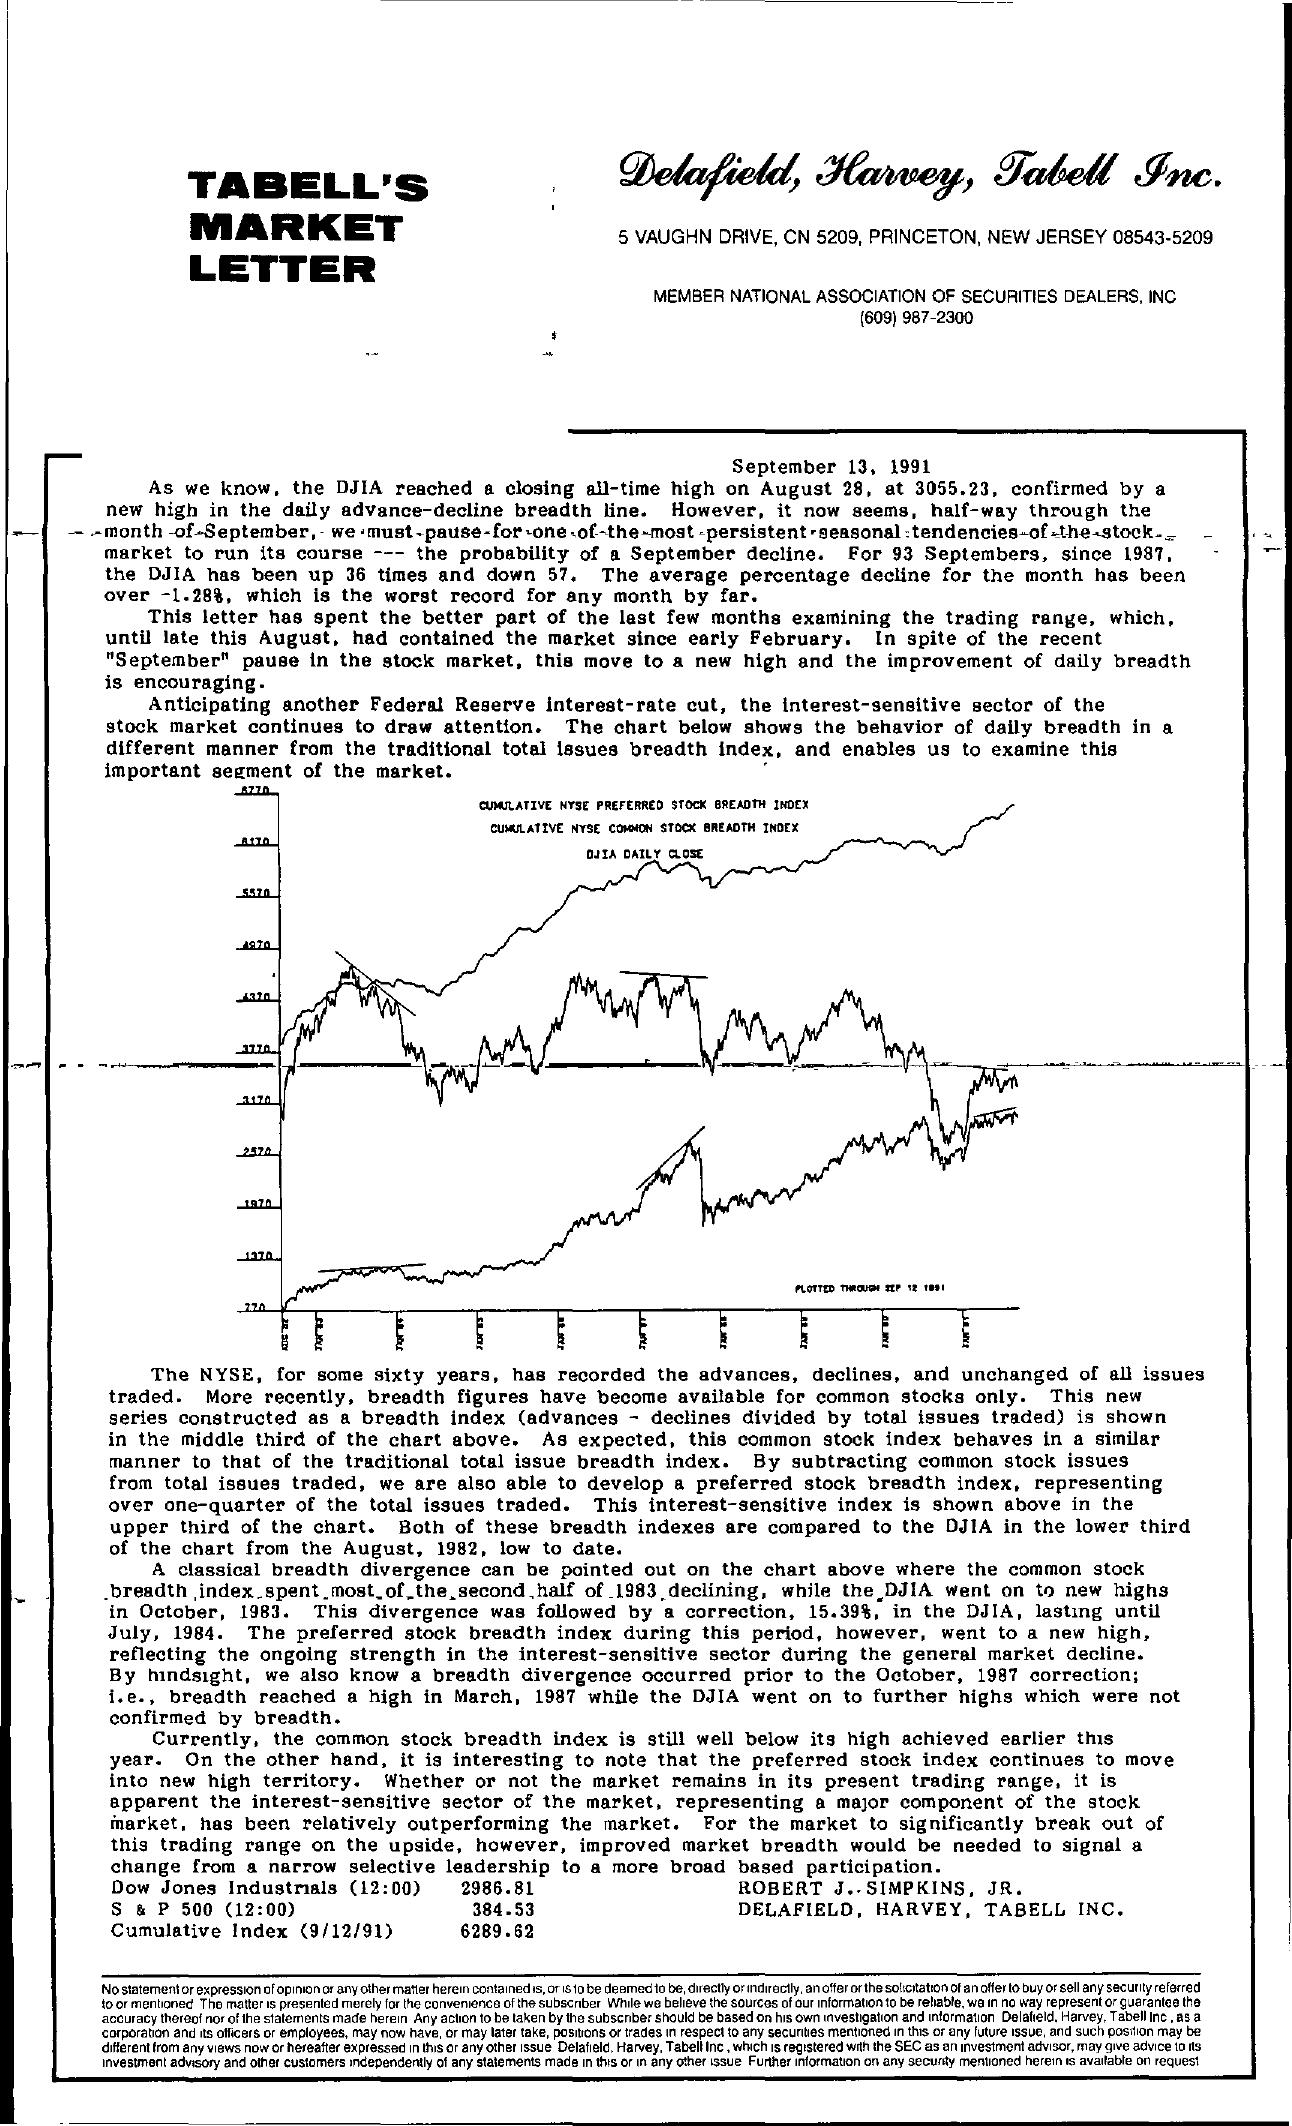 Tabell's Market Letter - September 13, 1991